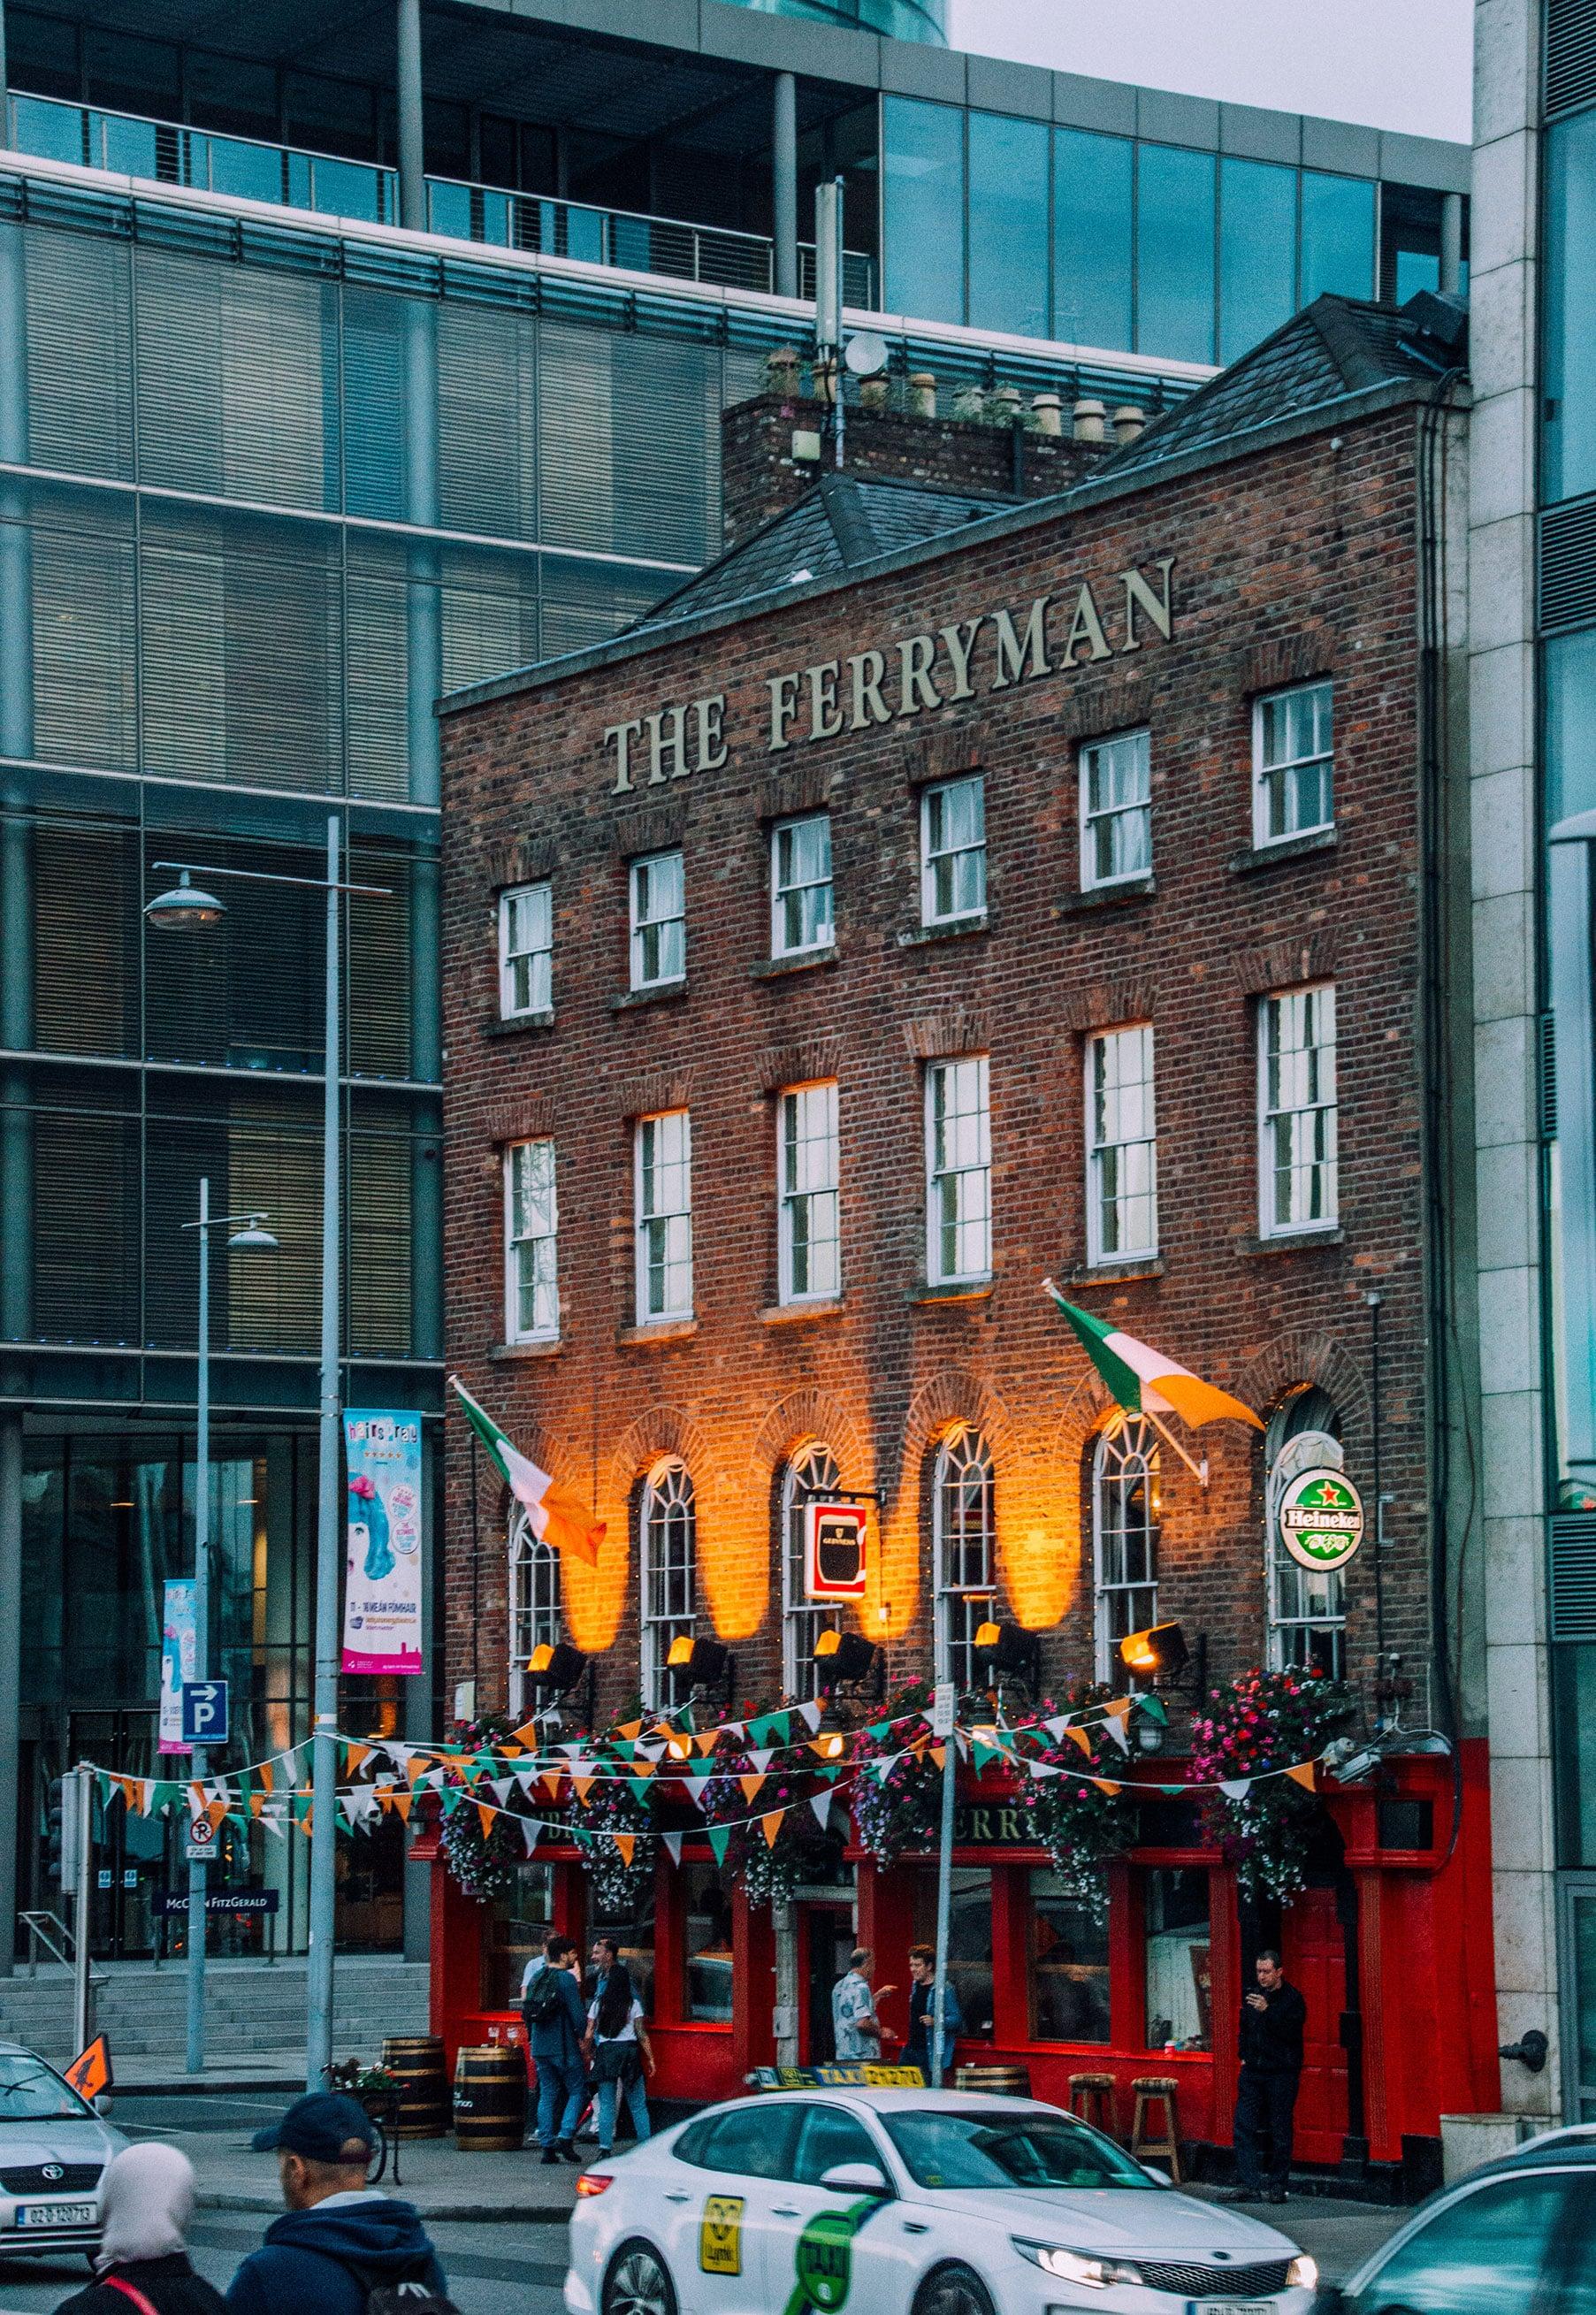 dublin_pub_ferryman